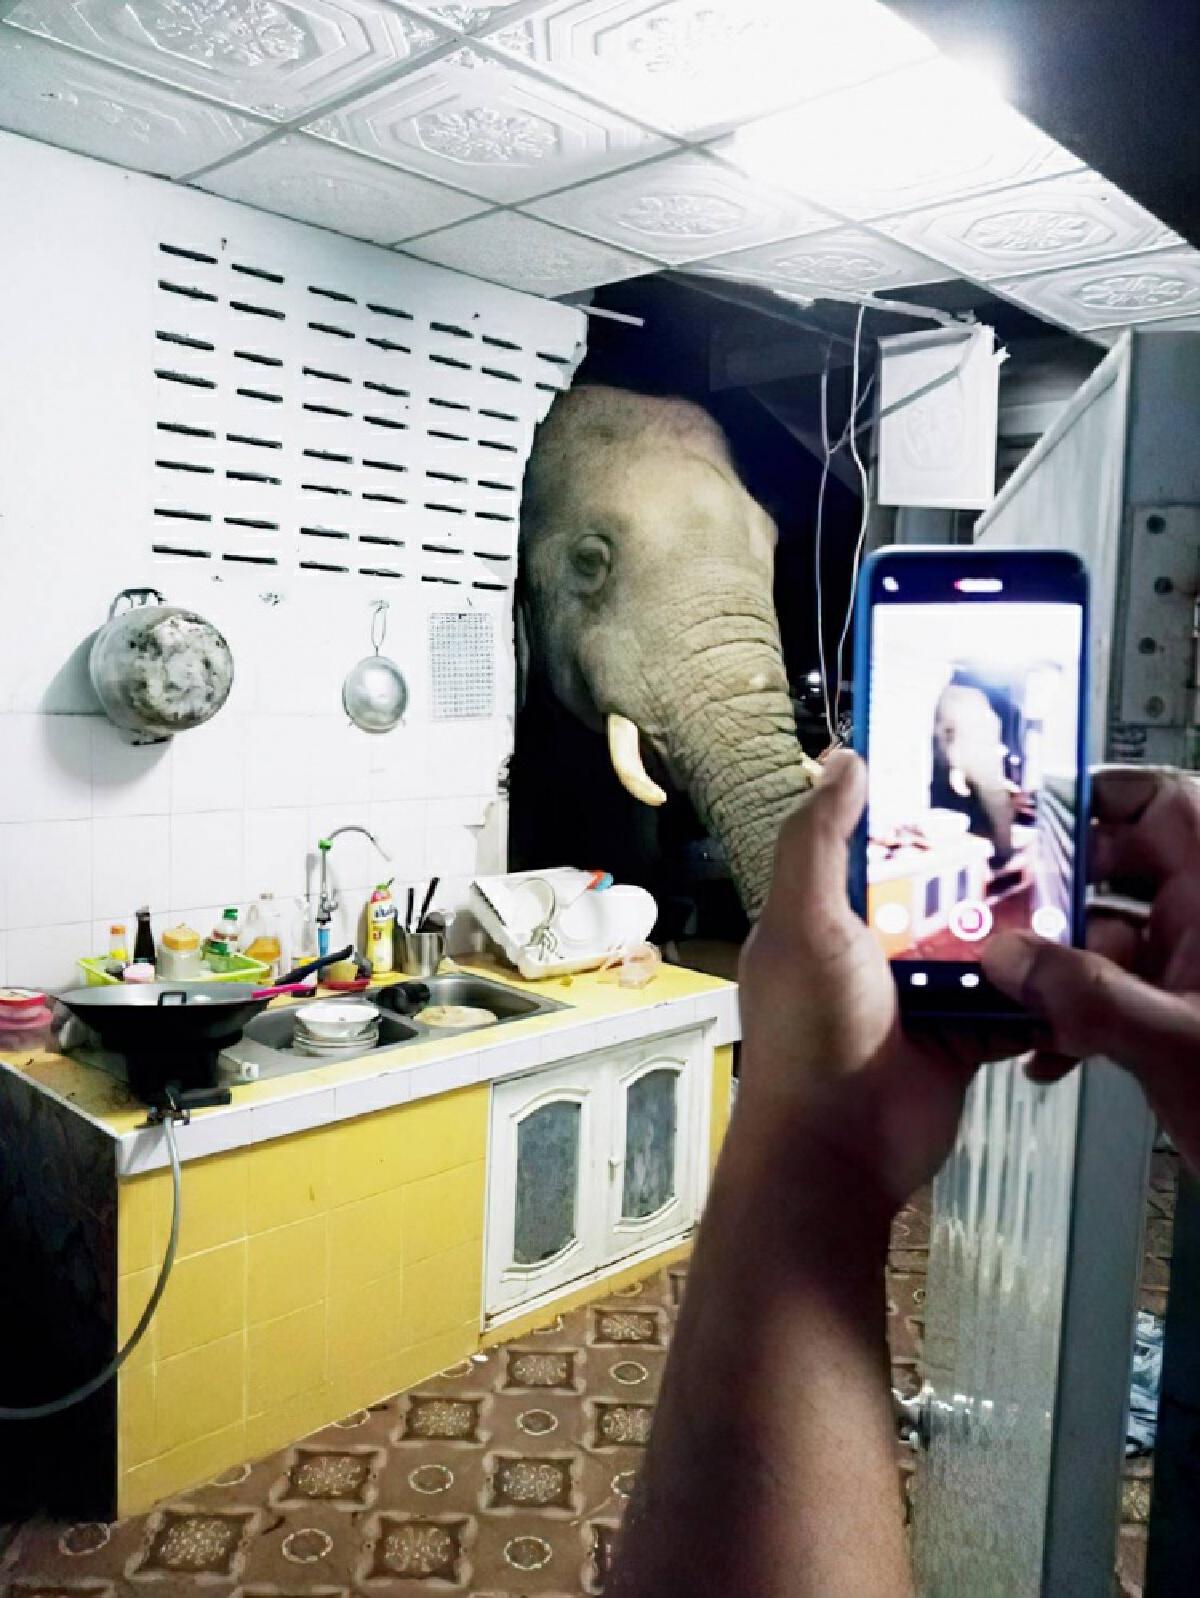 """มาอีกแล้ว """"พลายบุญช่วย"""" ช้างป่าละอู ไม่รู้ติดใจอะไร กลับมาบ้านหลังเดิมพังห้องครัวรื้อหาของกิน"""